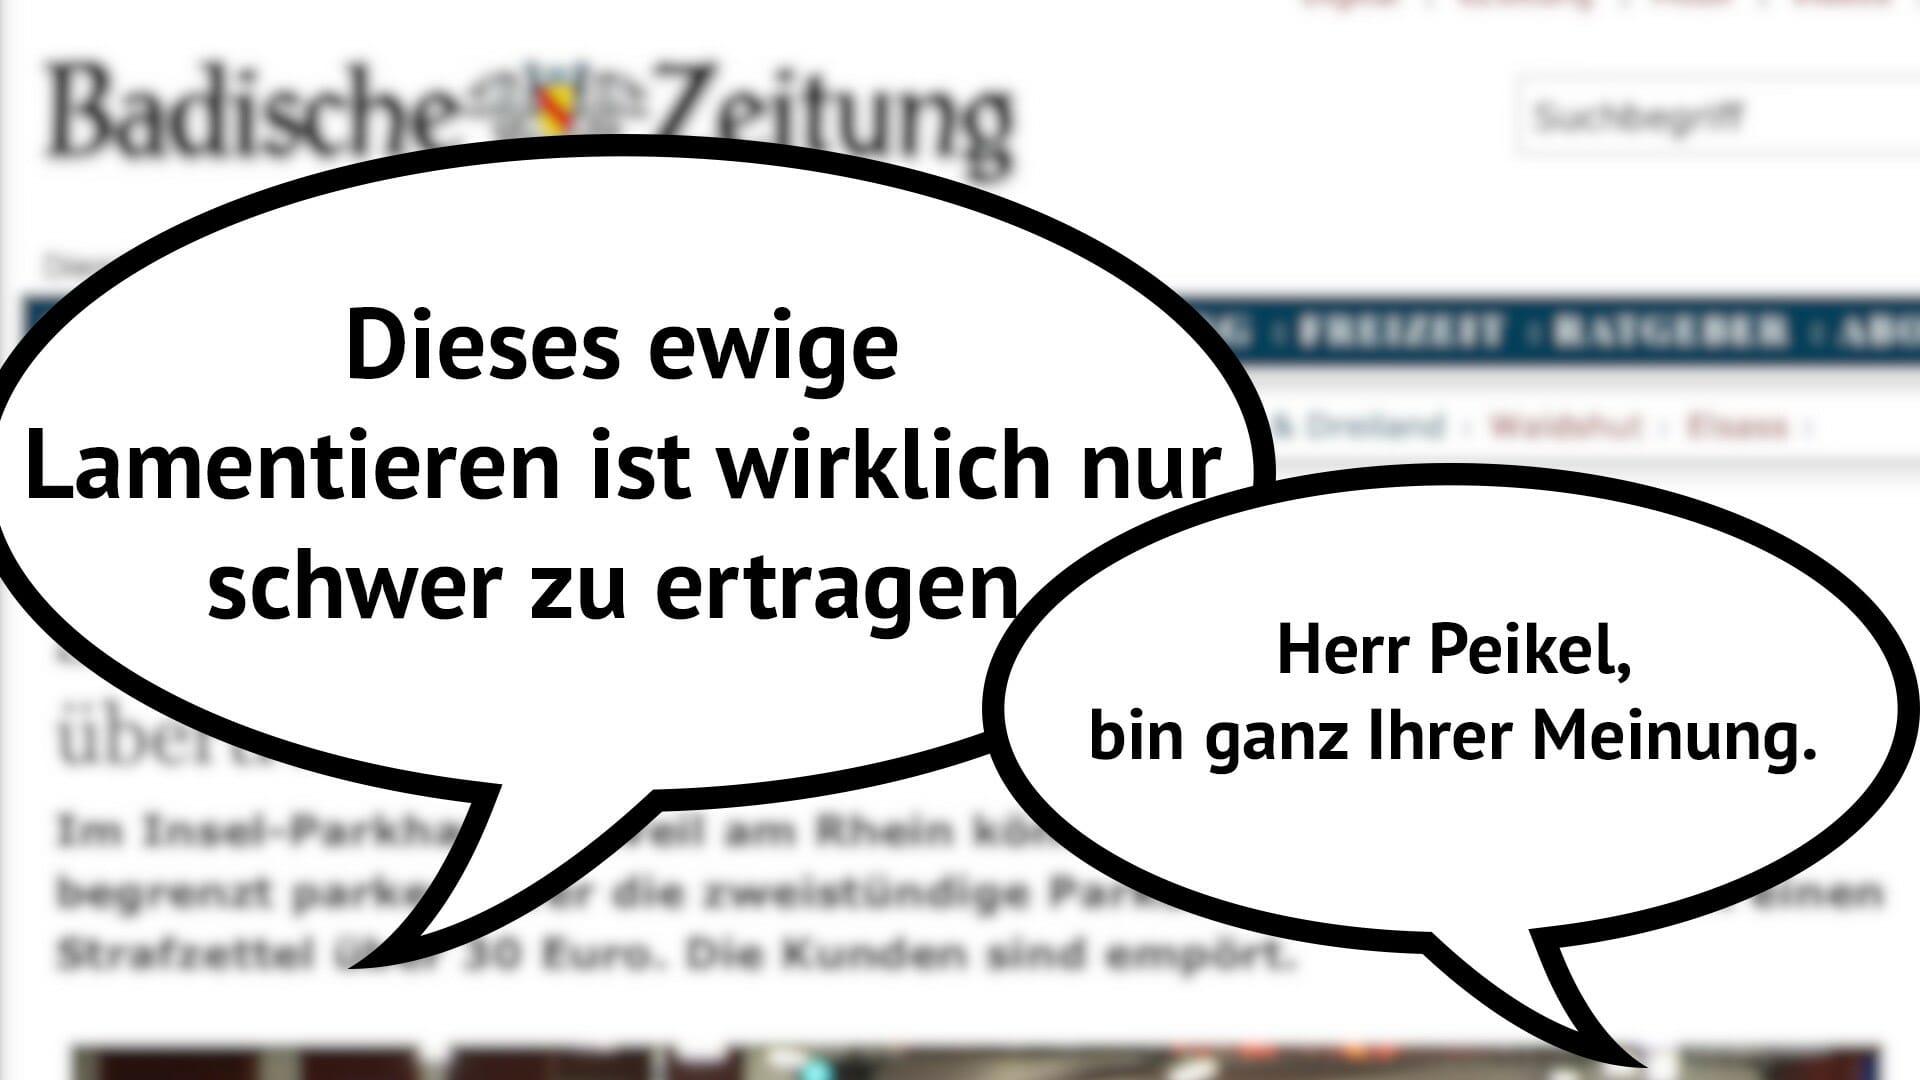 Nutzer kommentieren »Sind 30 Euro für vergessene Parkscheiben übertrieben?«